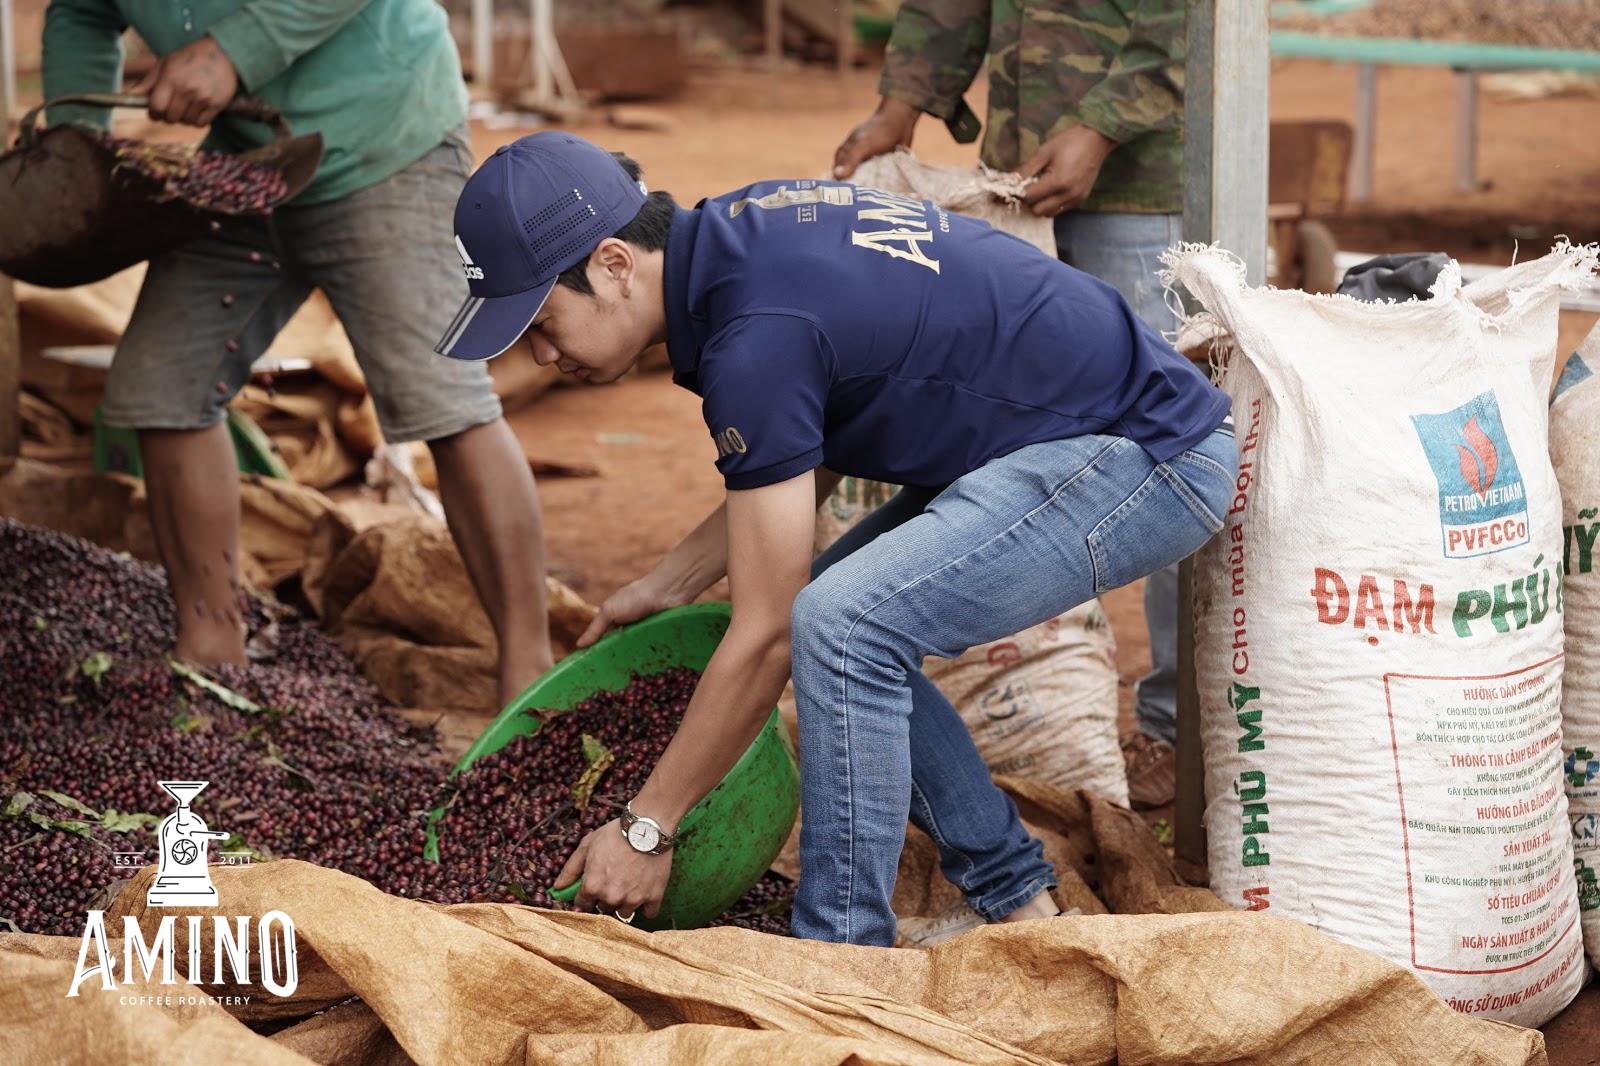 Quá trình thu hoạch cà phê với Amino Coffee